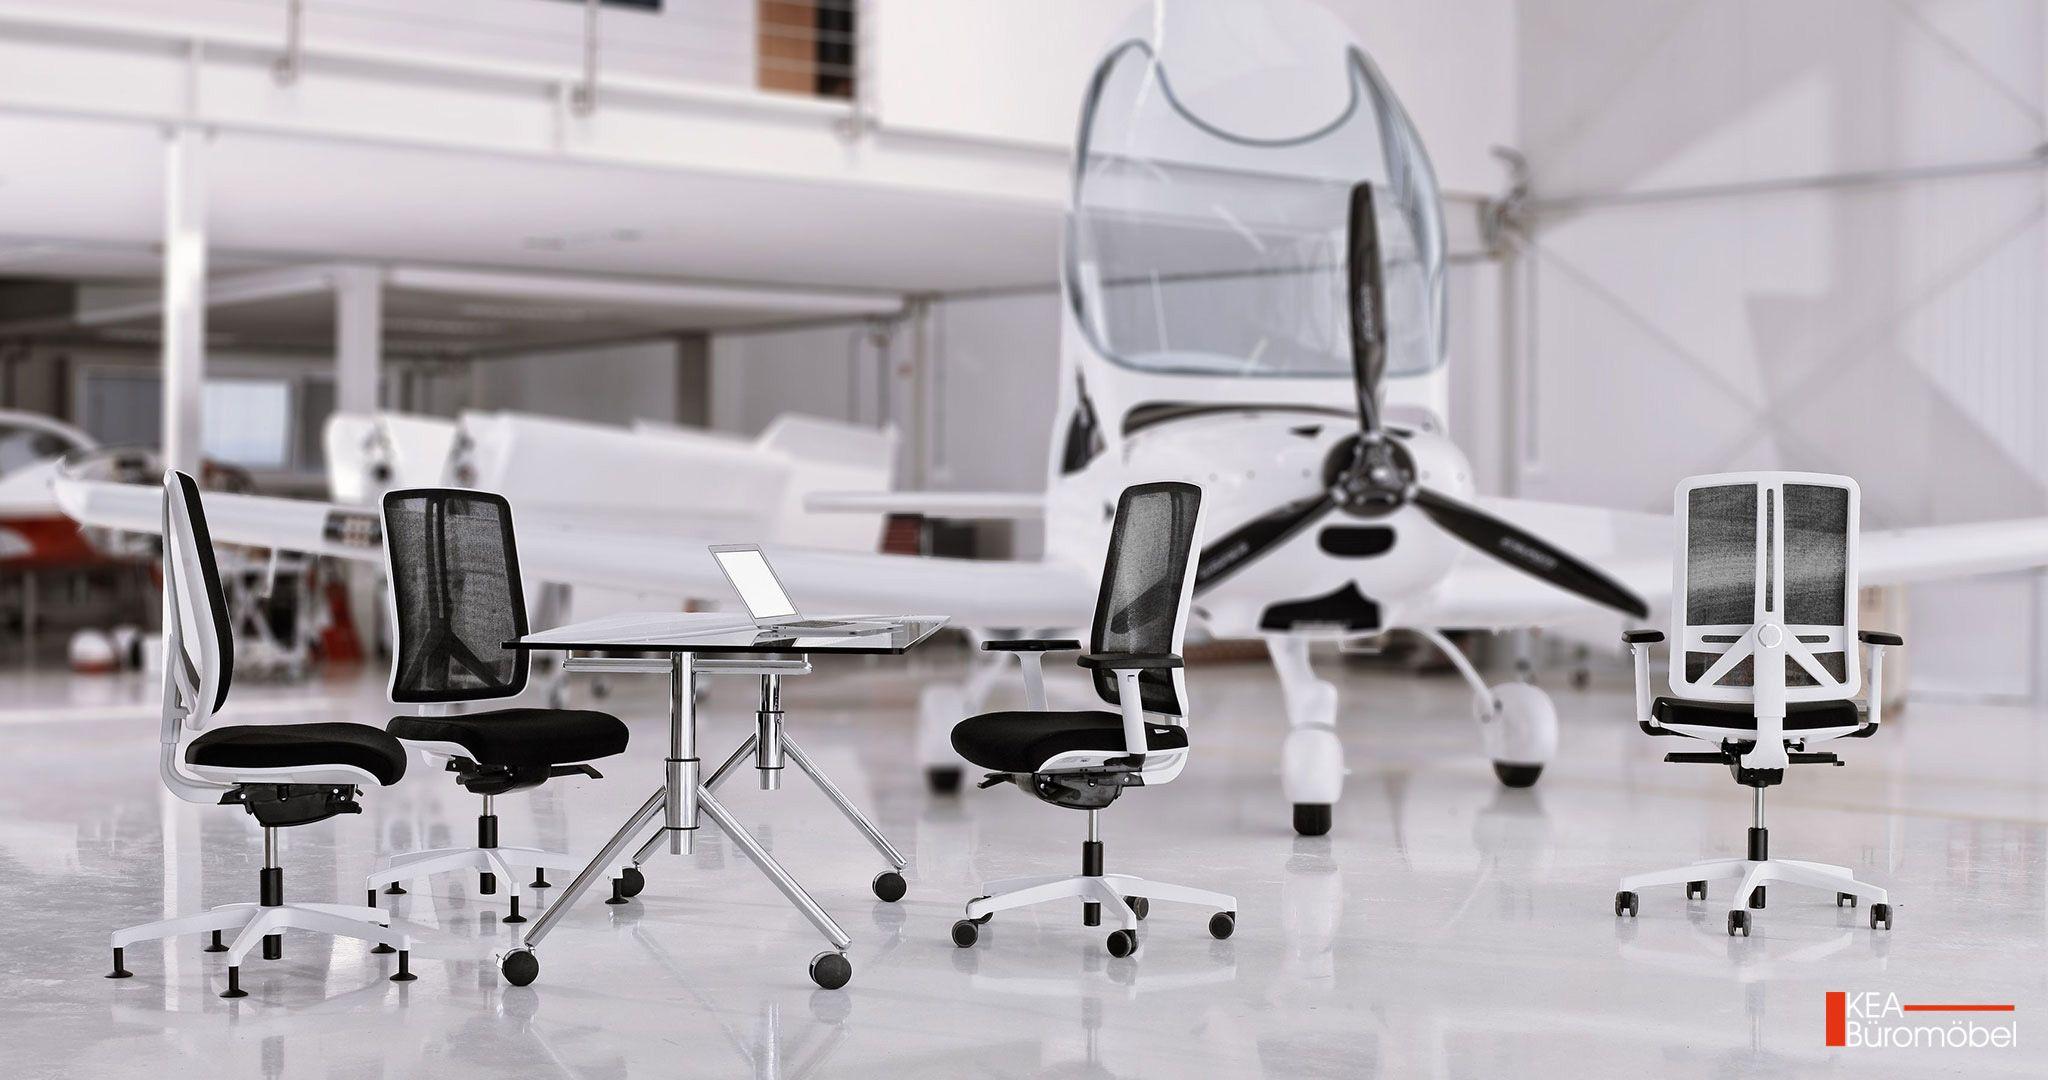 Kea Bürostuehle in verschieden Gestellfarben mit Netzrücken und Kea Armlehnen auf Wunsch